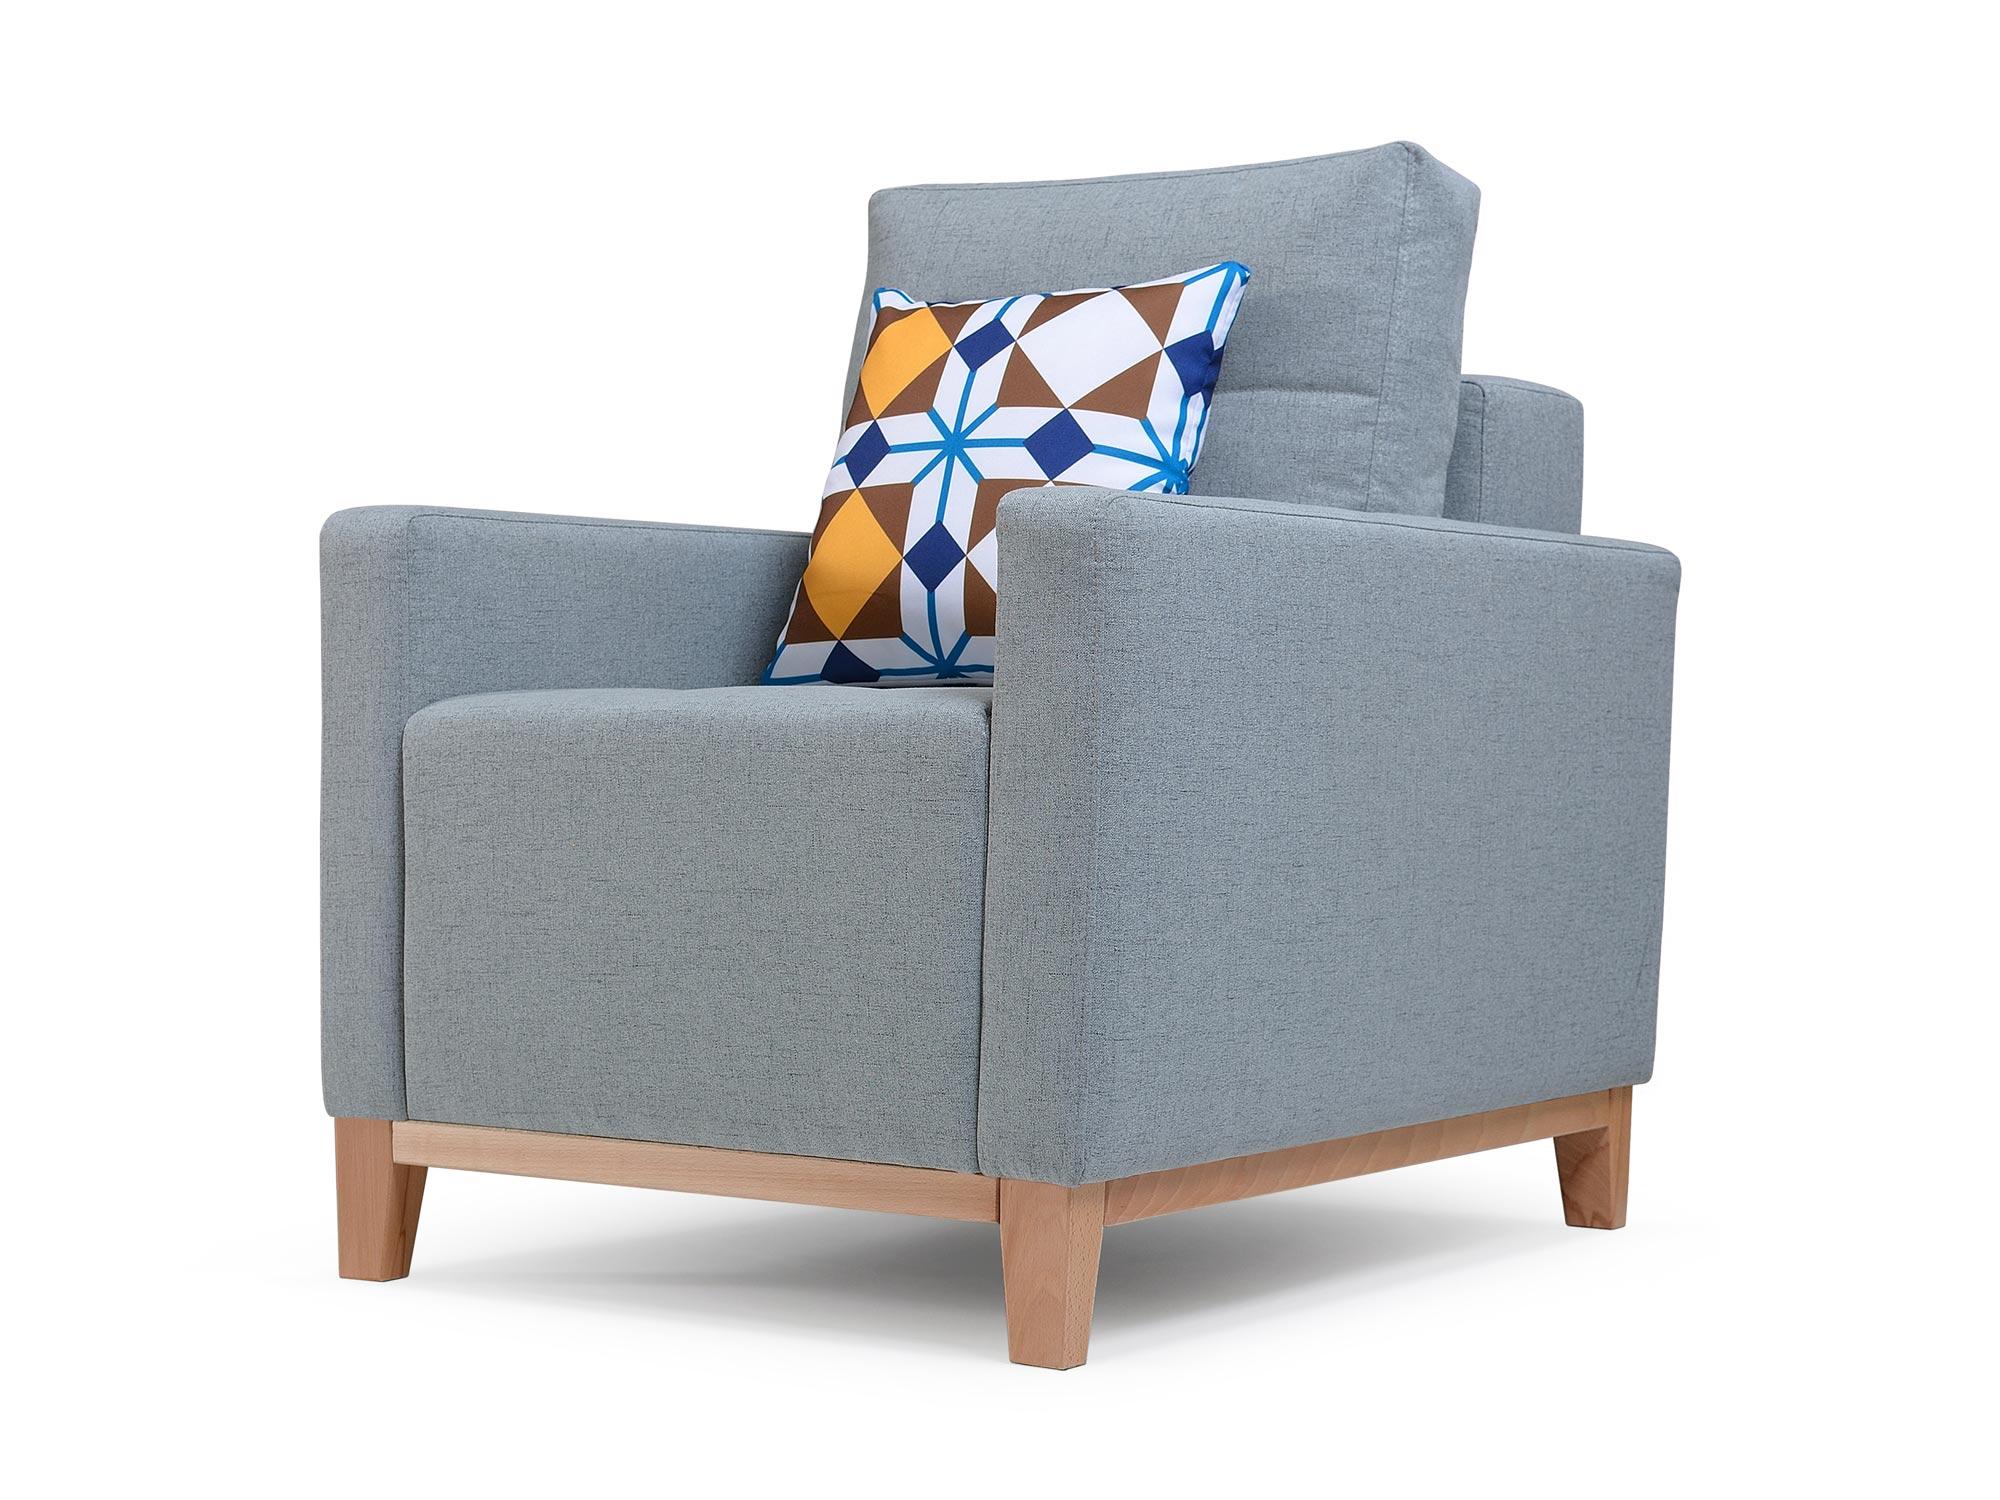 Fotel W Stylu Skandynawskim JANDIRA białe tło